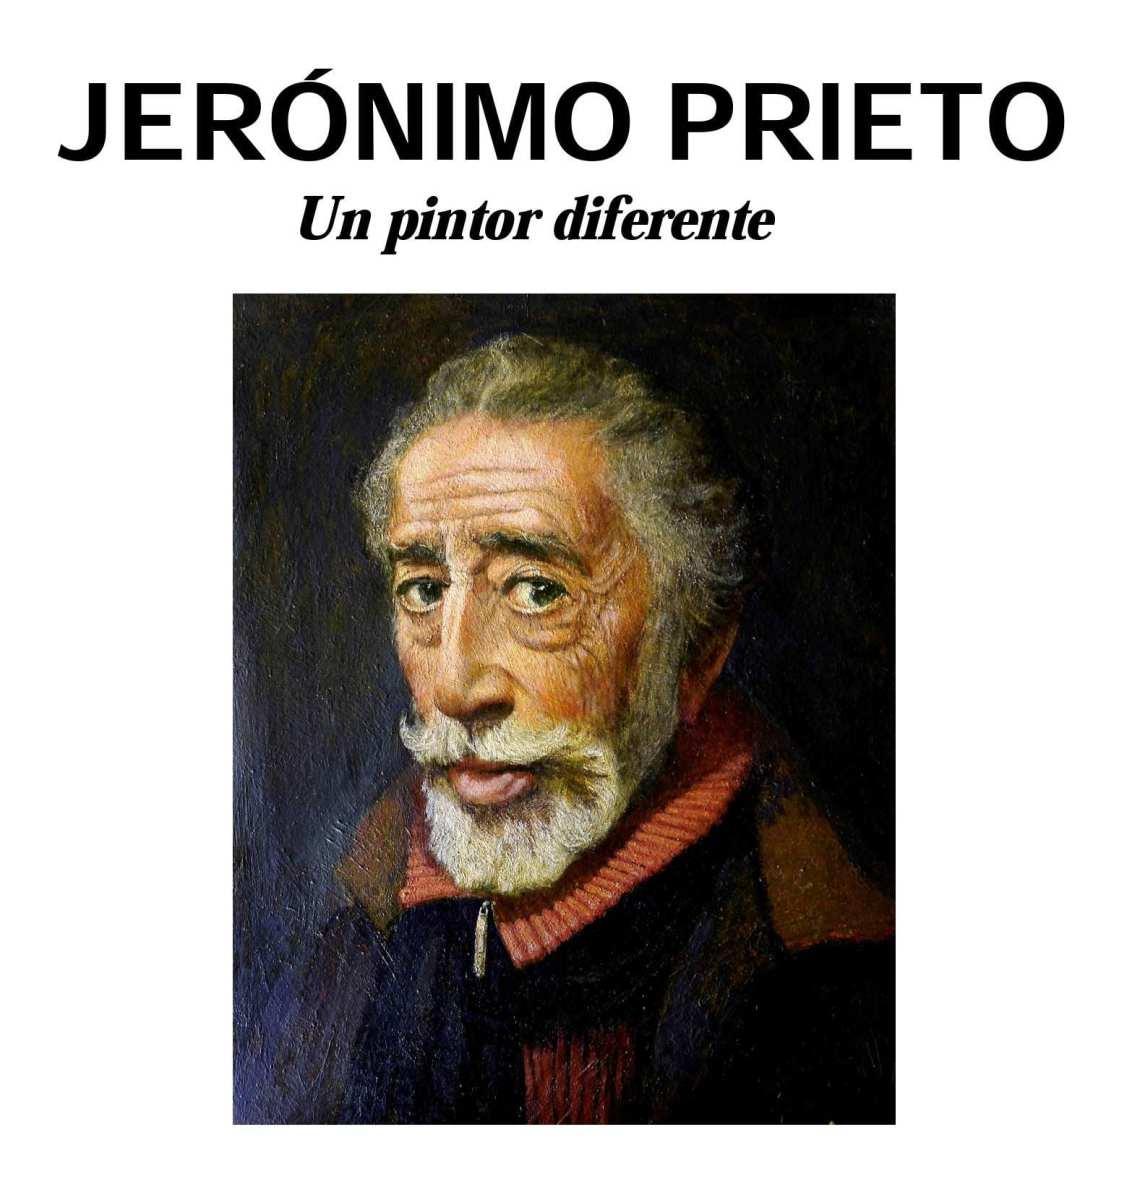 Jerónimo Prieto. Acuarelas